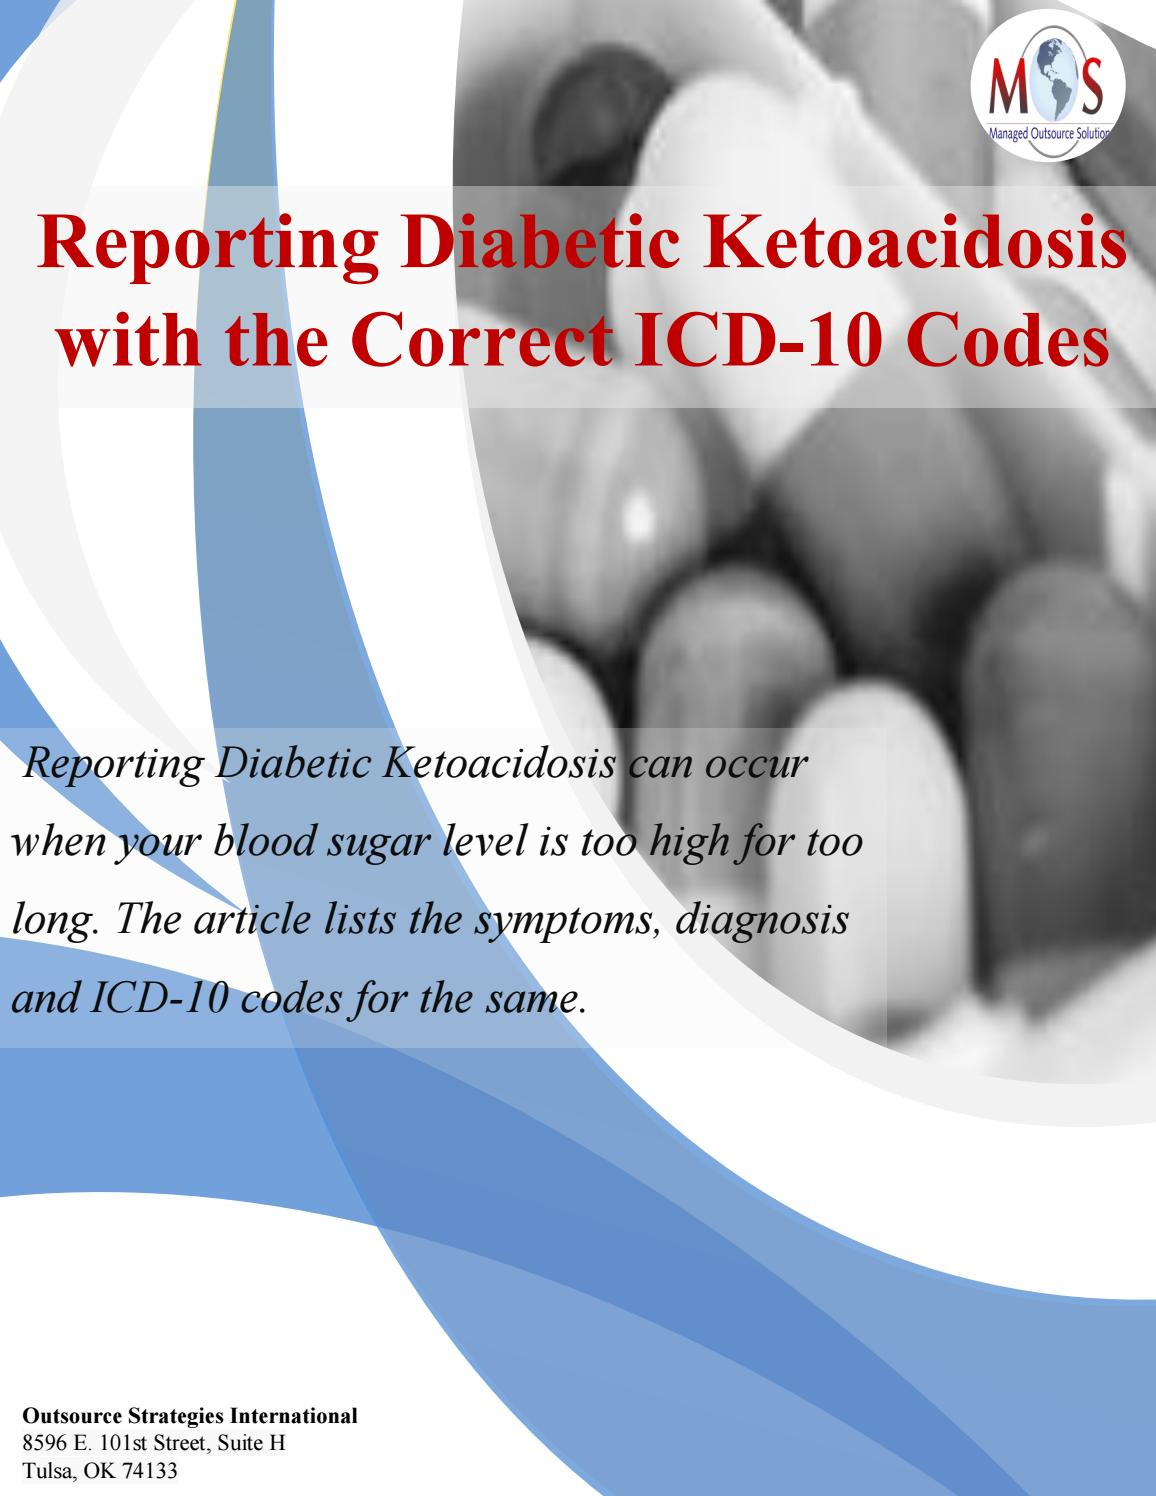 icto 10 diabetes cetoacidosis